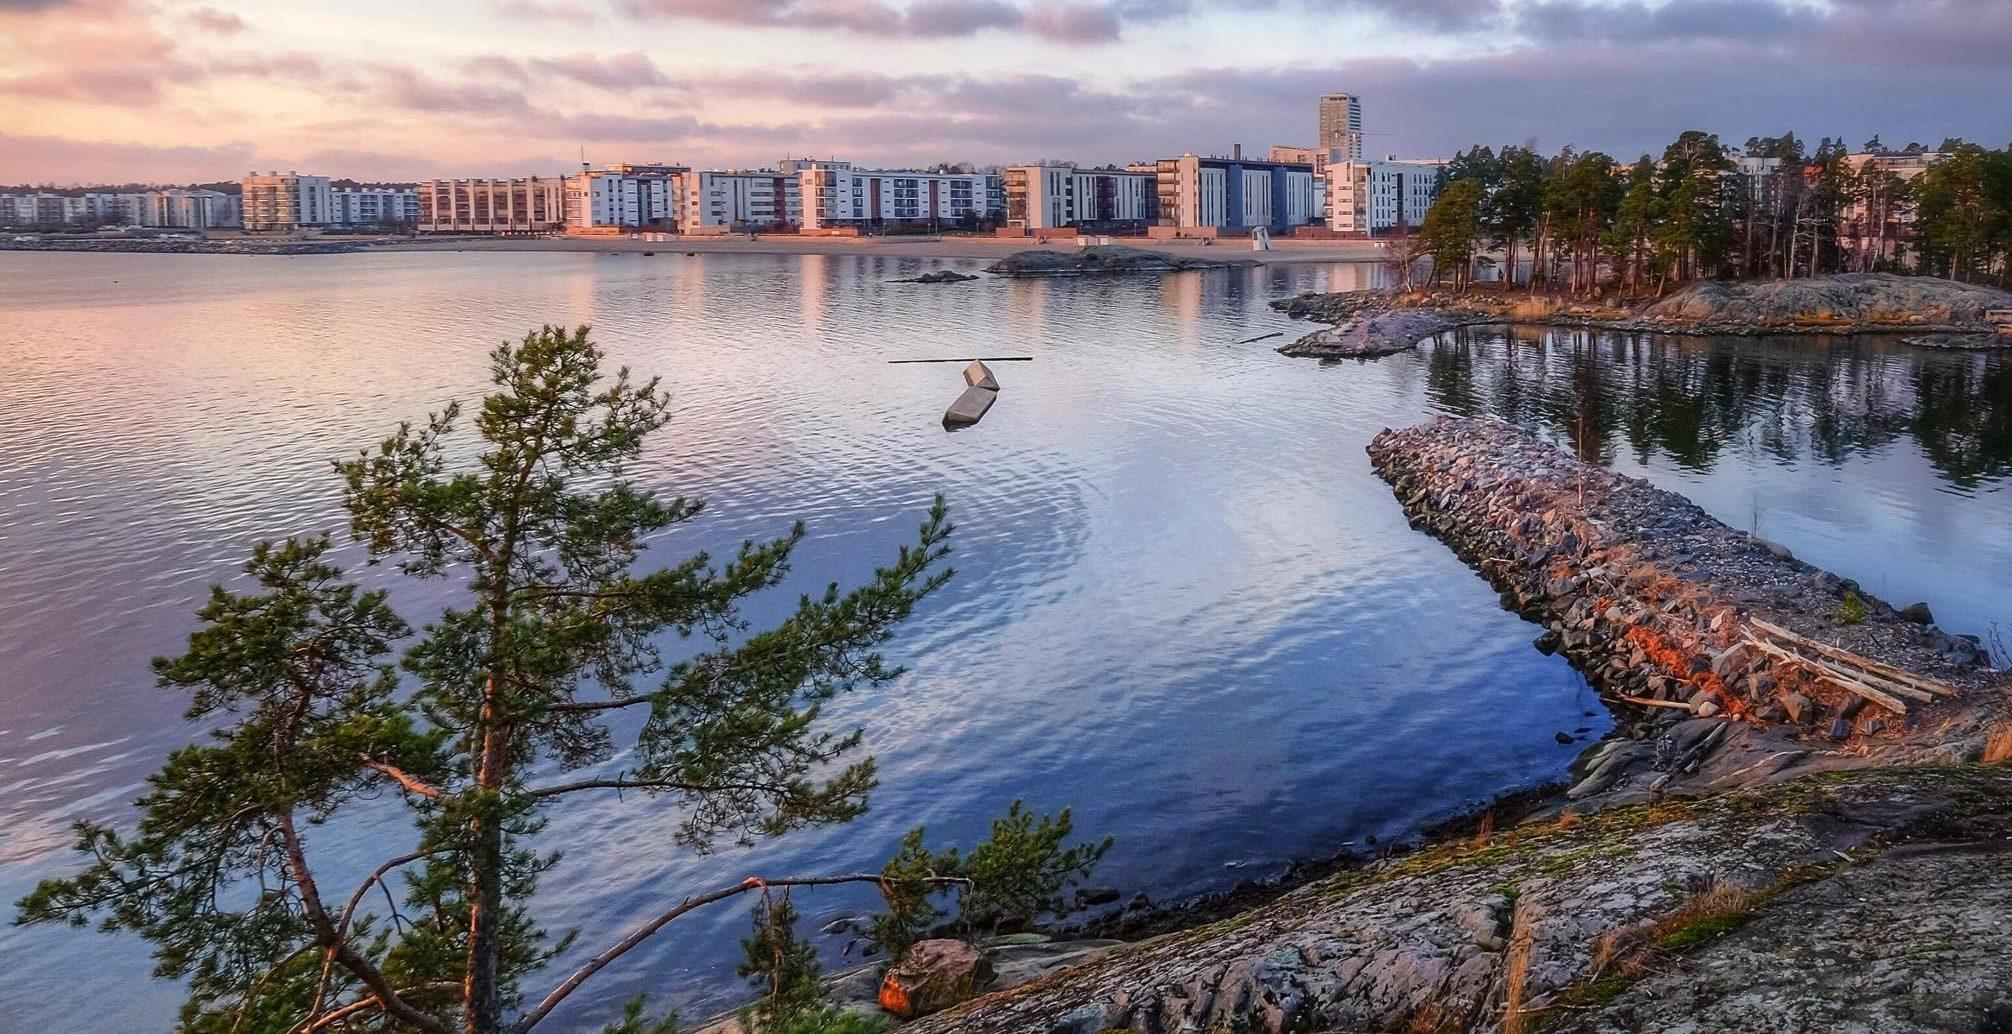 Kolmen seuran pilkkikilpailu 29.12.18 Siikajärvi Espoo